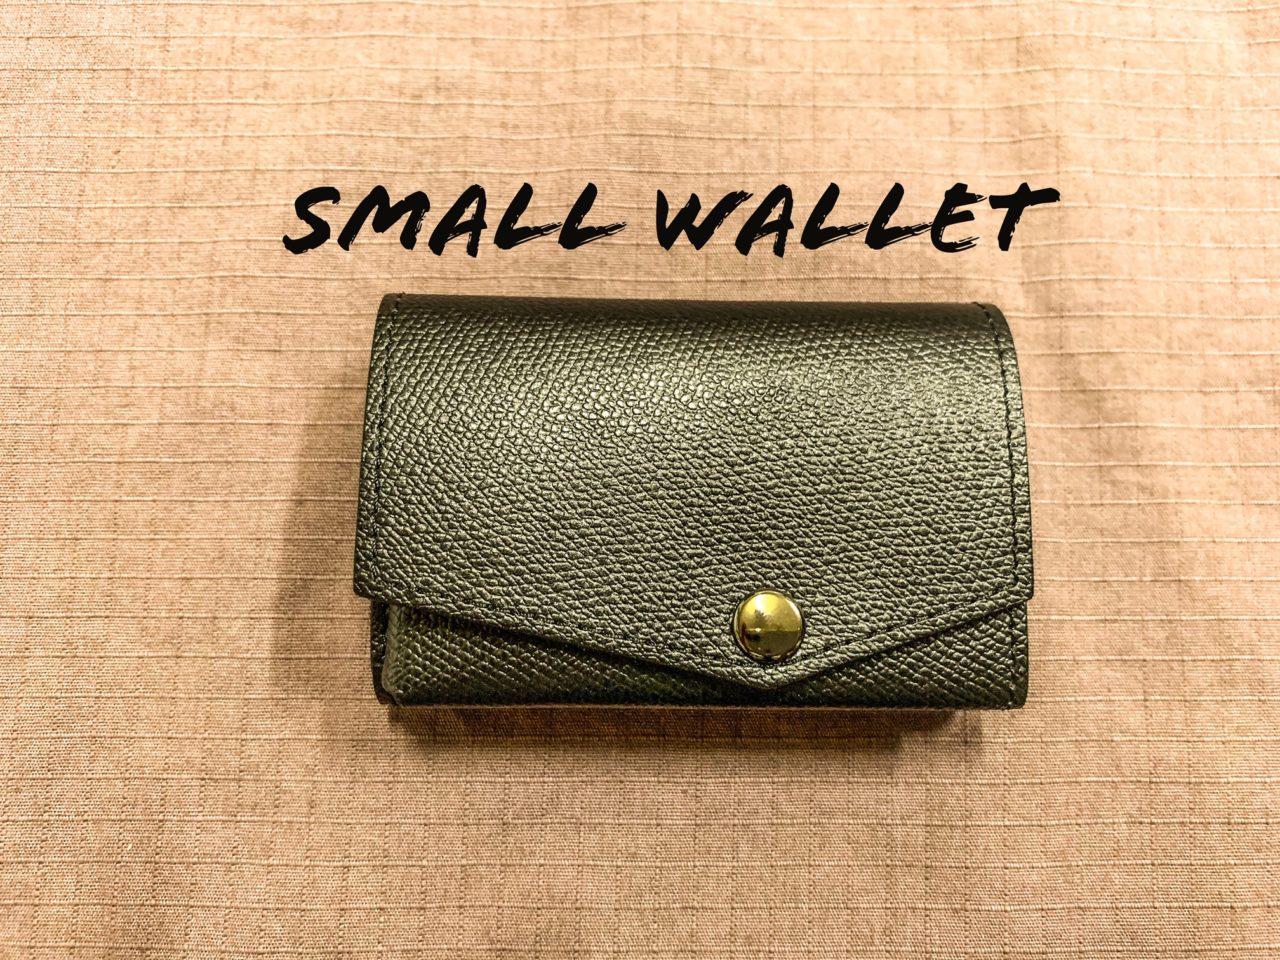 abrAsus 小さい財布のサイズはカードサイズ!